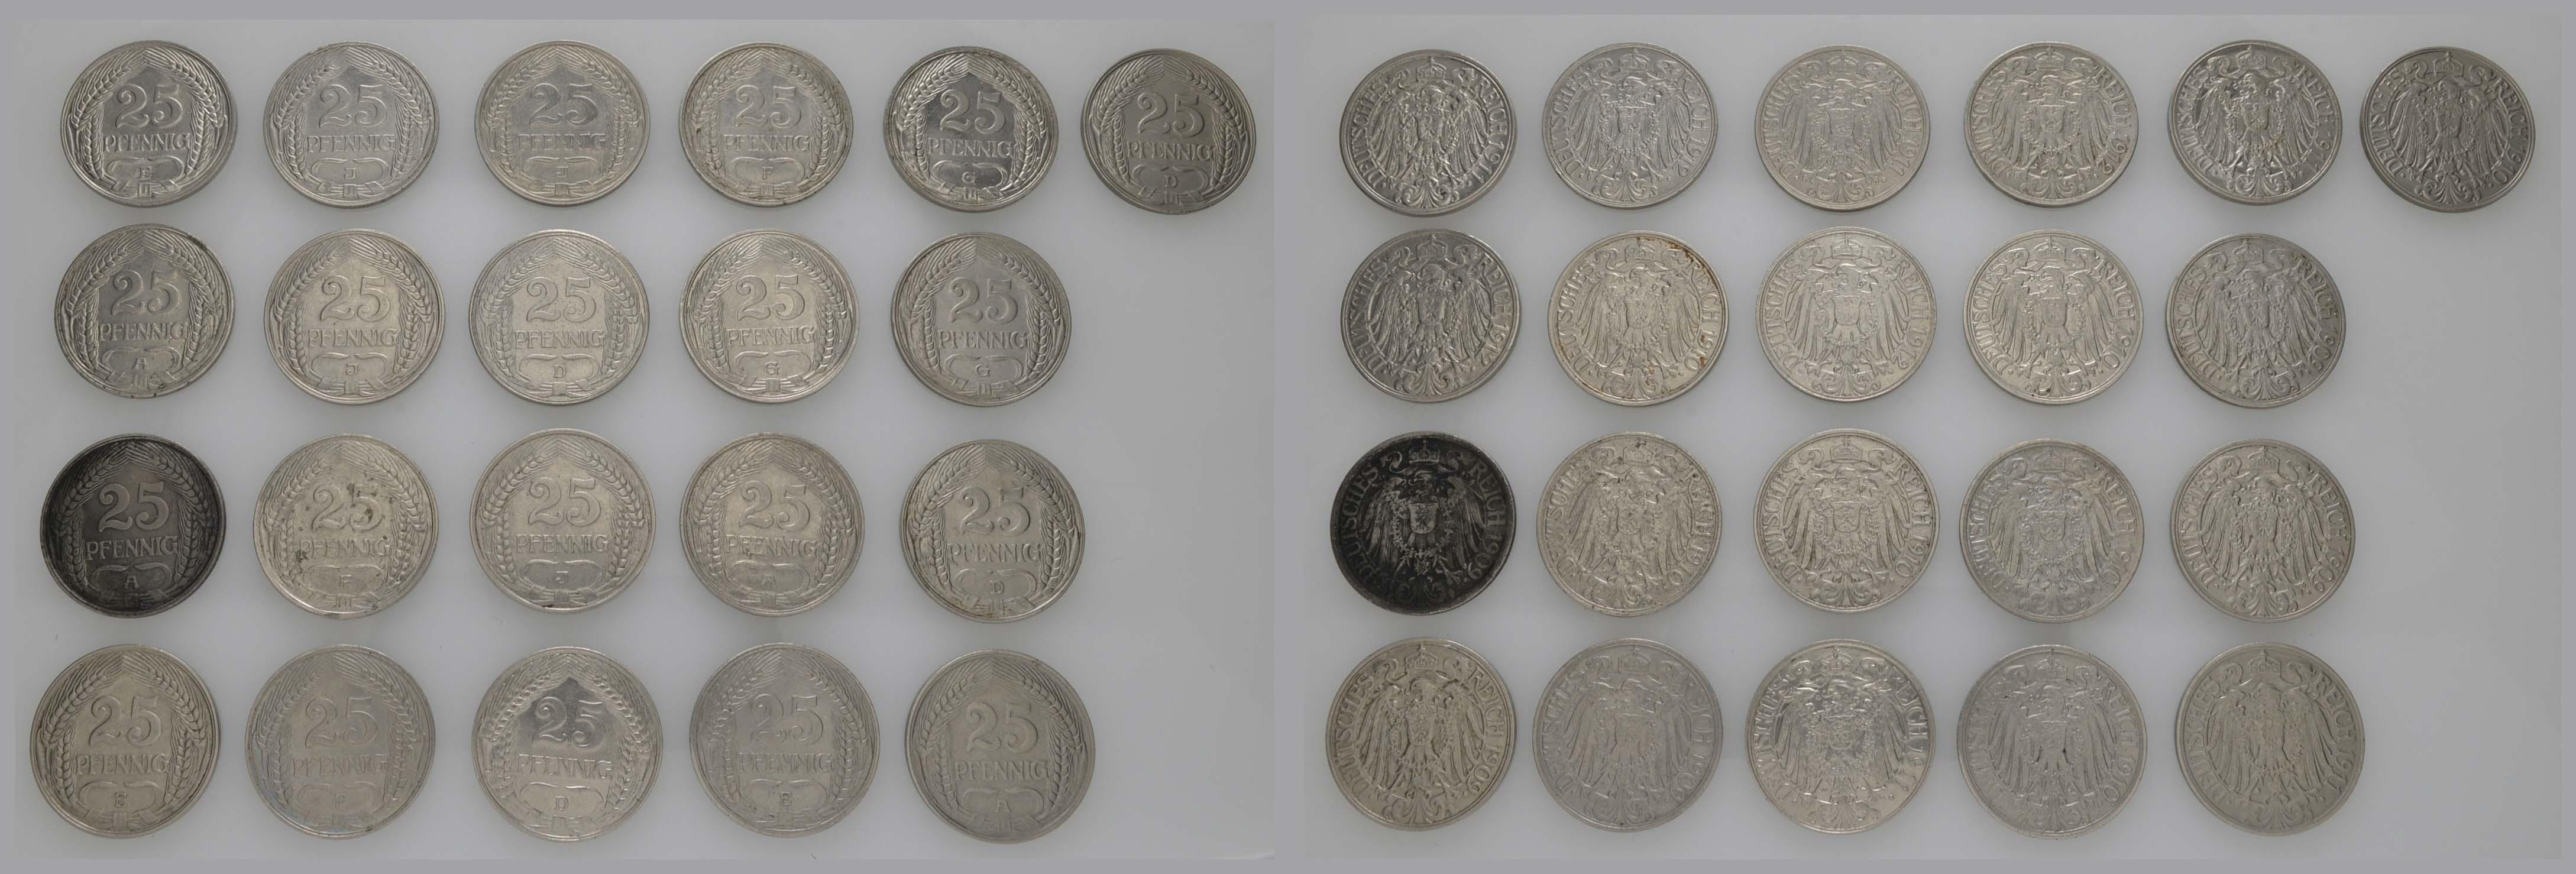 Lot 652 - deutschland Kaiserreich Silbermünzen - Kursmünzen -  Auktionshaus Ulrich Felzmann GmbH & Co. KG Coins single lots